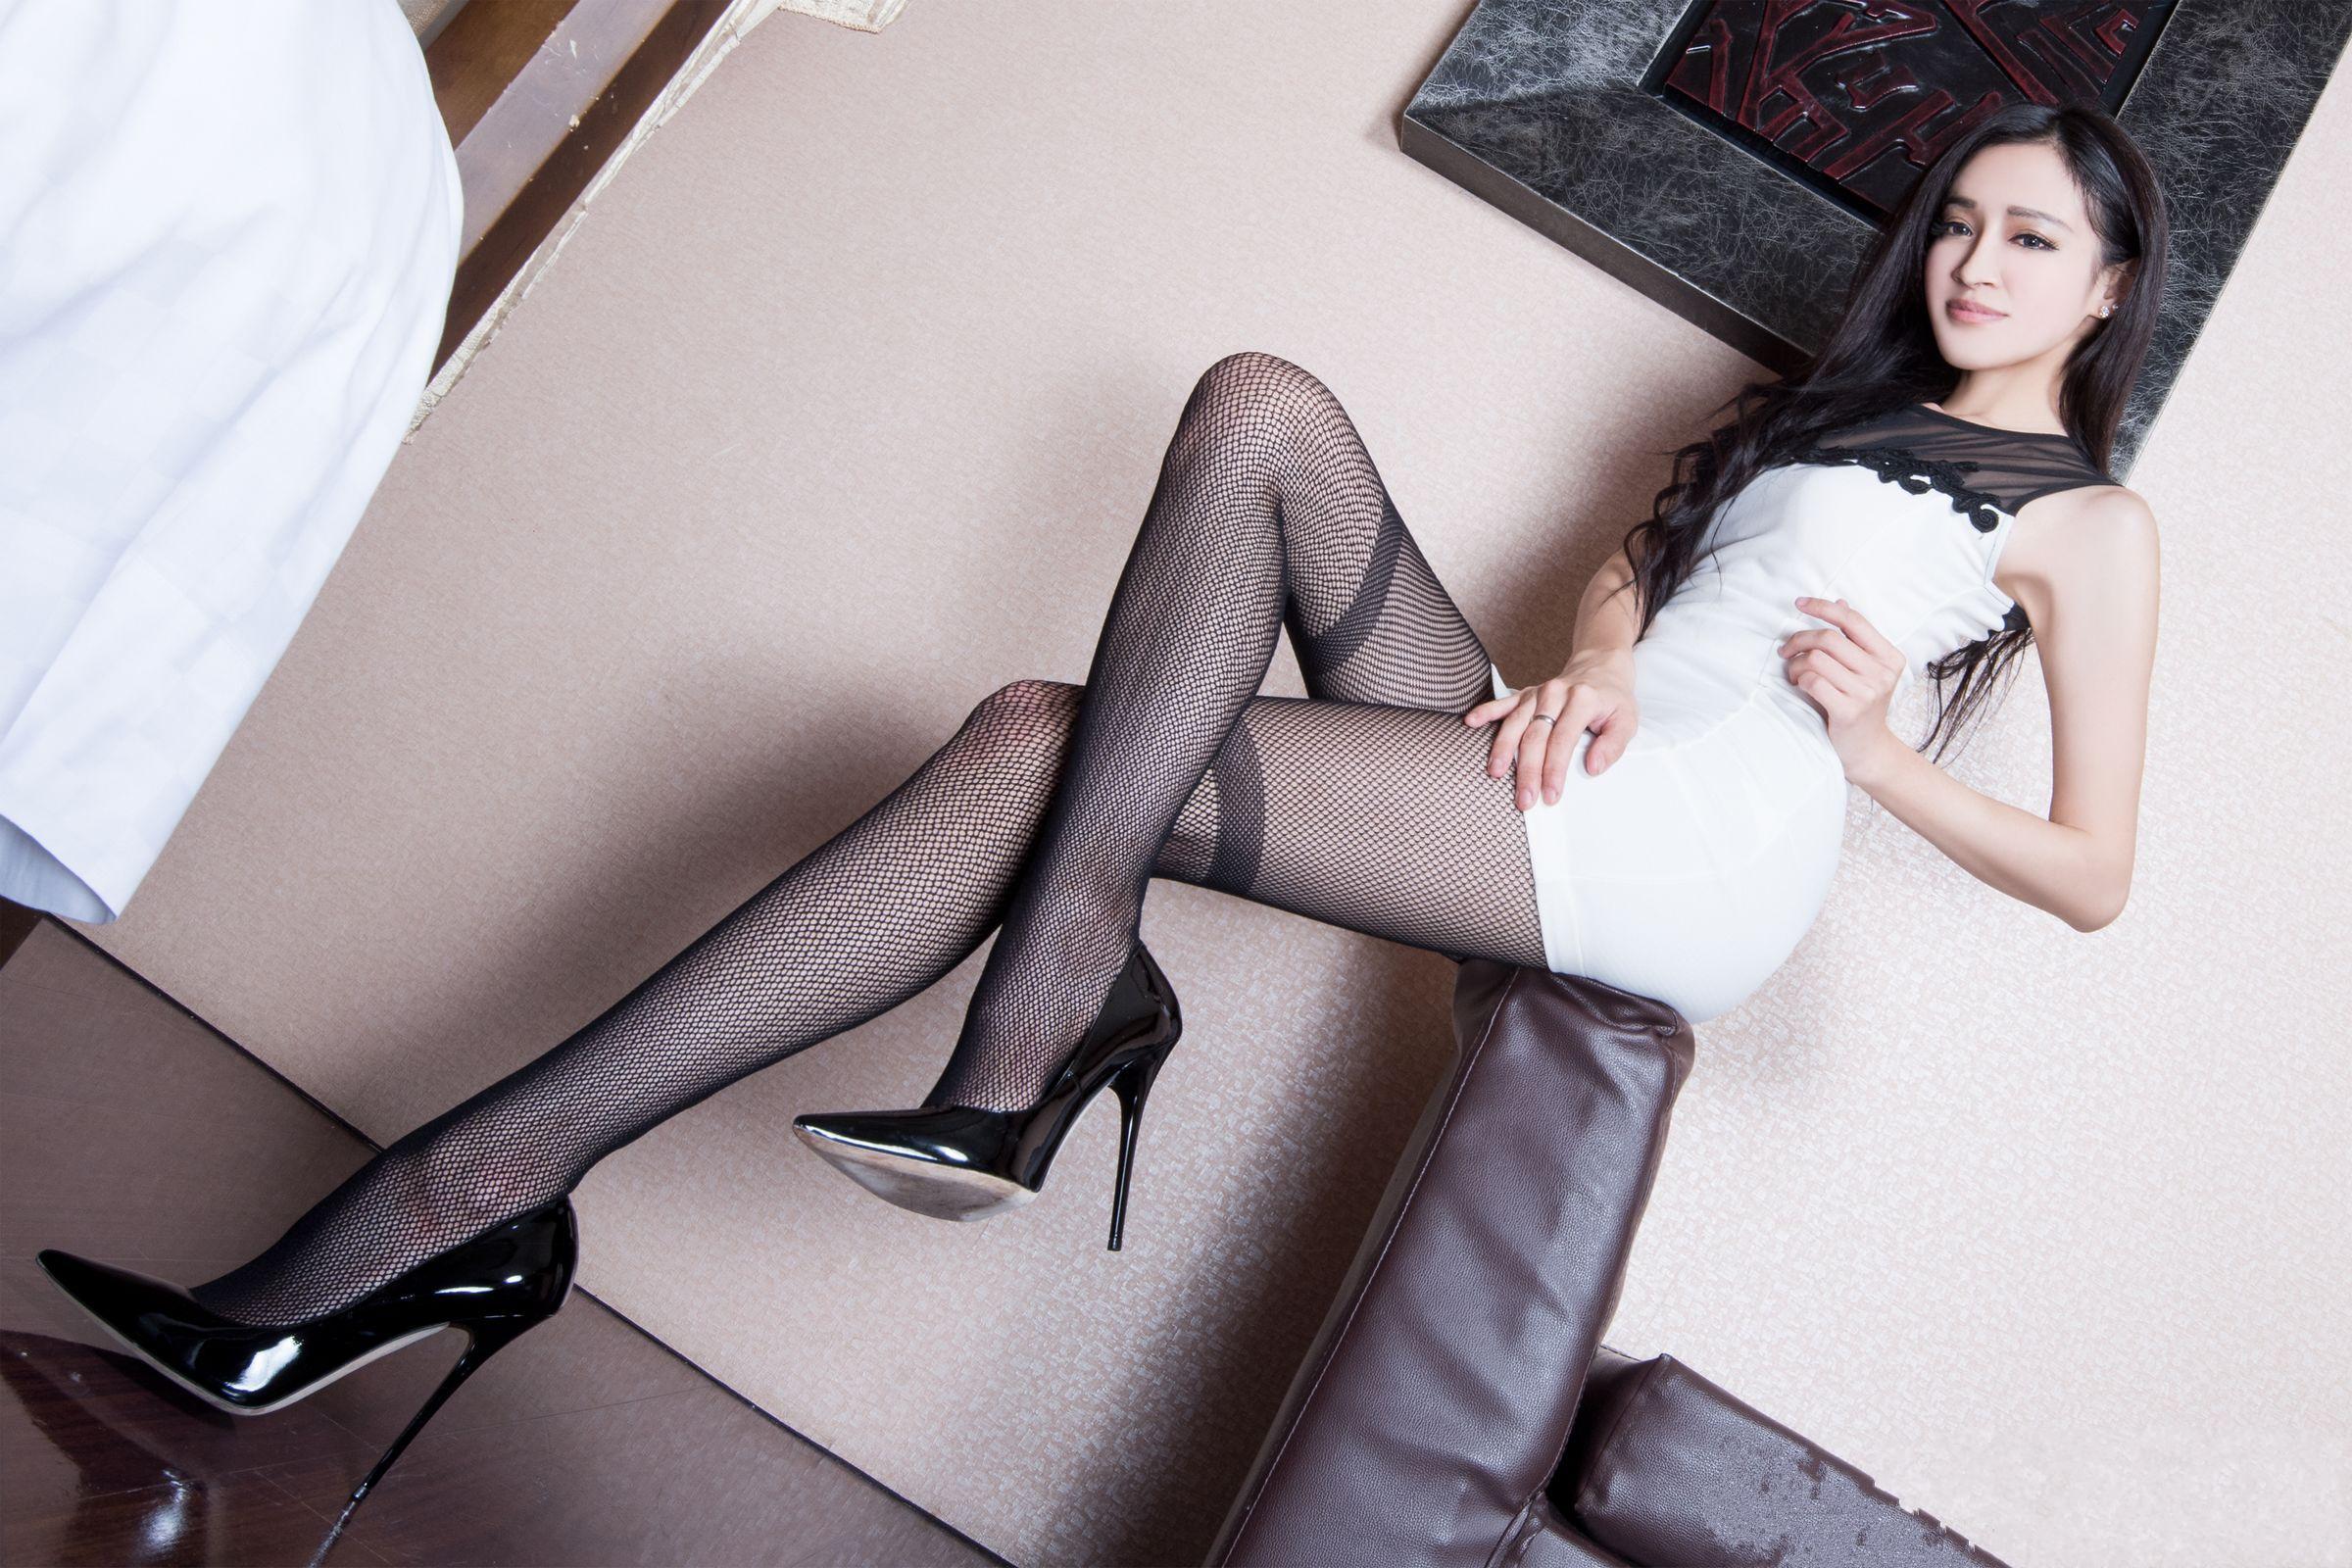 漂亮衣模美腿秀48 - 花開有聲 - 花開有聲